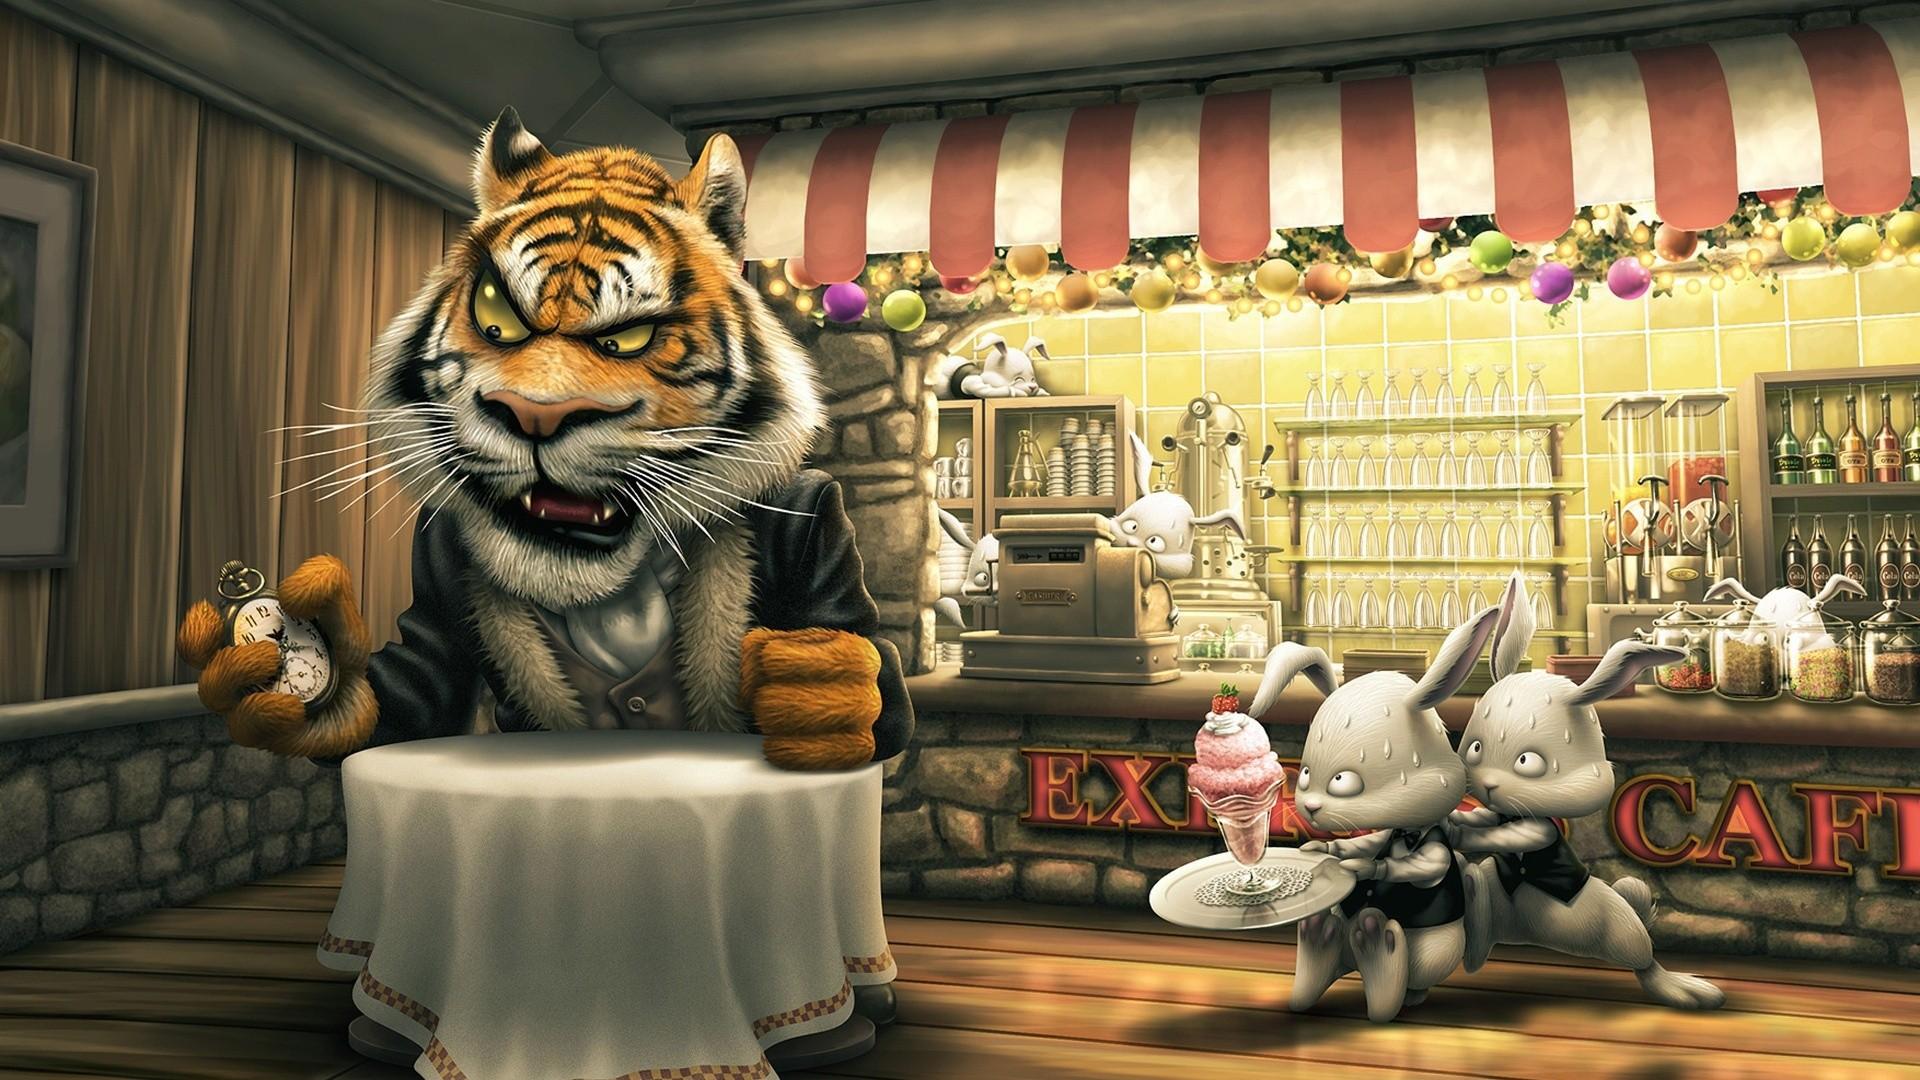 Cartoons Food Wallpaper 1920x1080 Cartoons Food Restaurant 3D Food 1920x1080